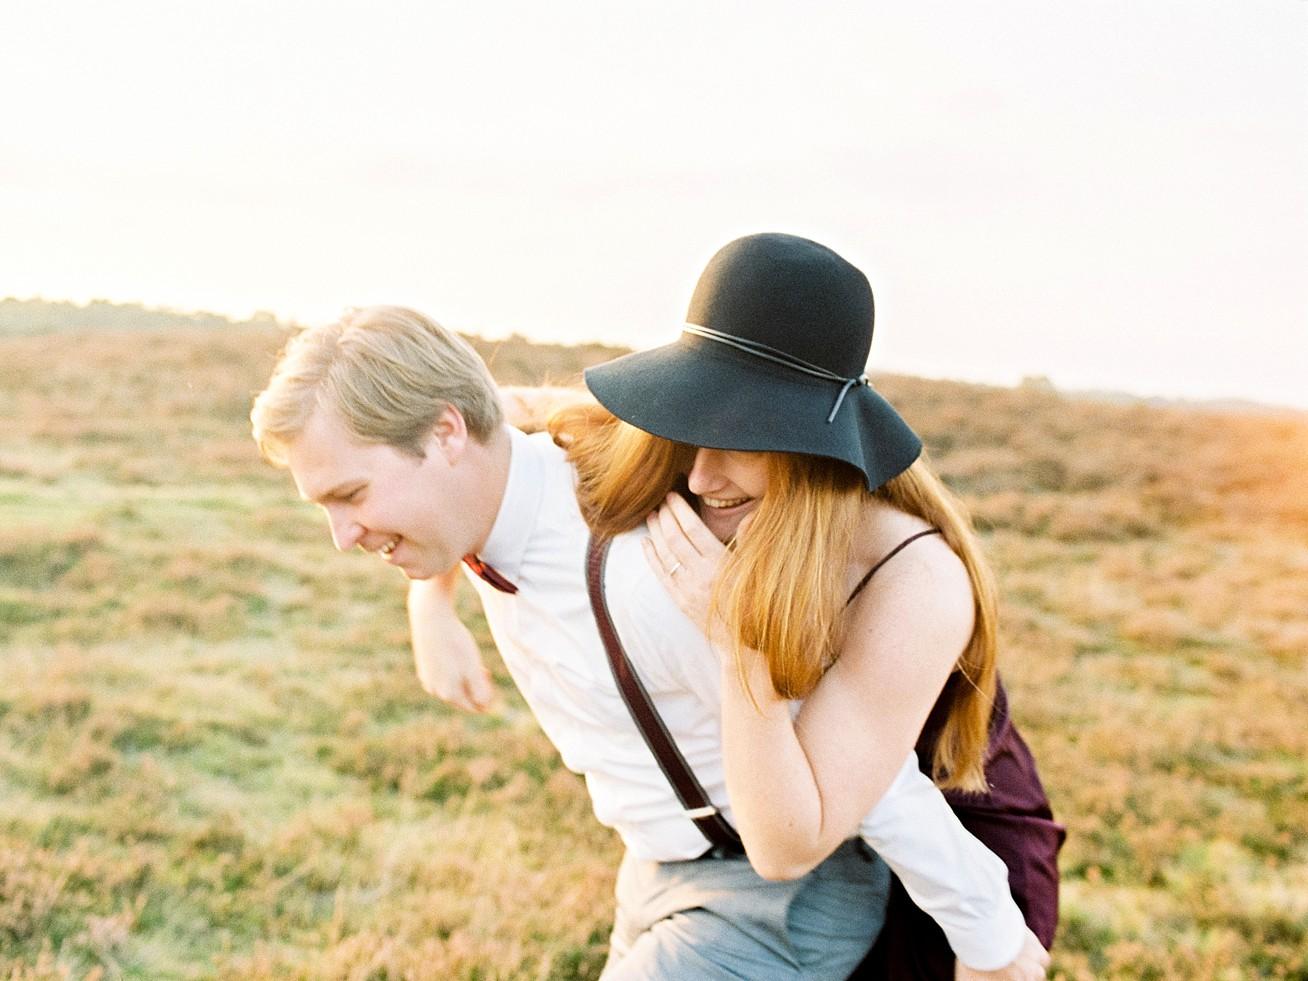 Amanda-Drost-Photography-fine-art-fotografie-nederland-coupleshoot-loveshoot_0004.jpg